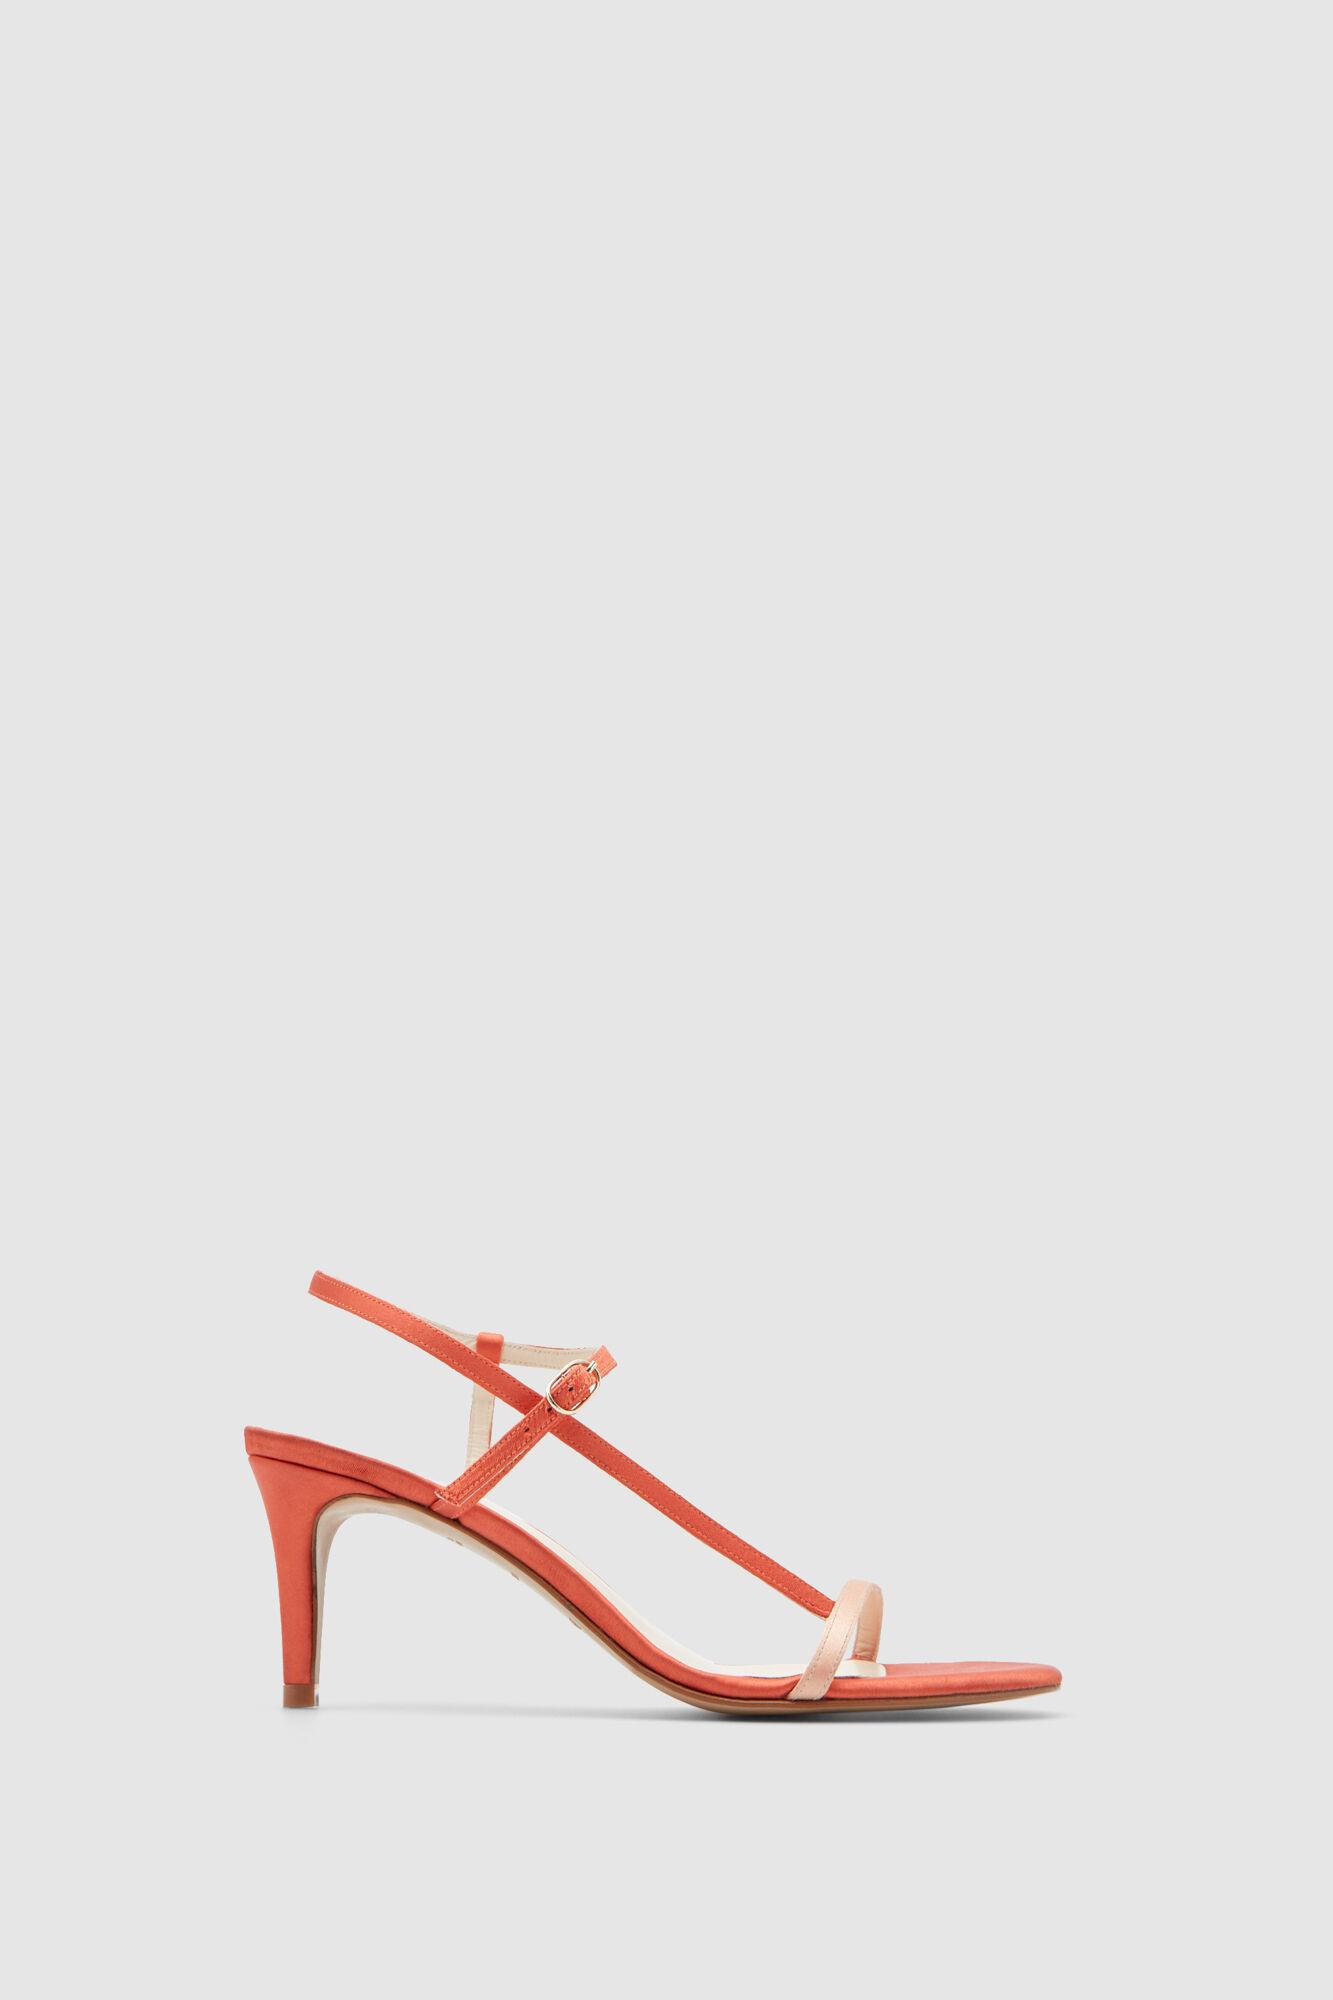 Zapatos De De MujerPedro De Zapatos Del Hierro Del Zapatos MujerPedro Hierro MujerPedro rxeWdoCB